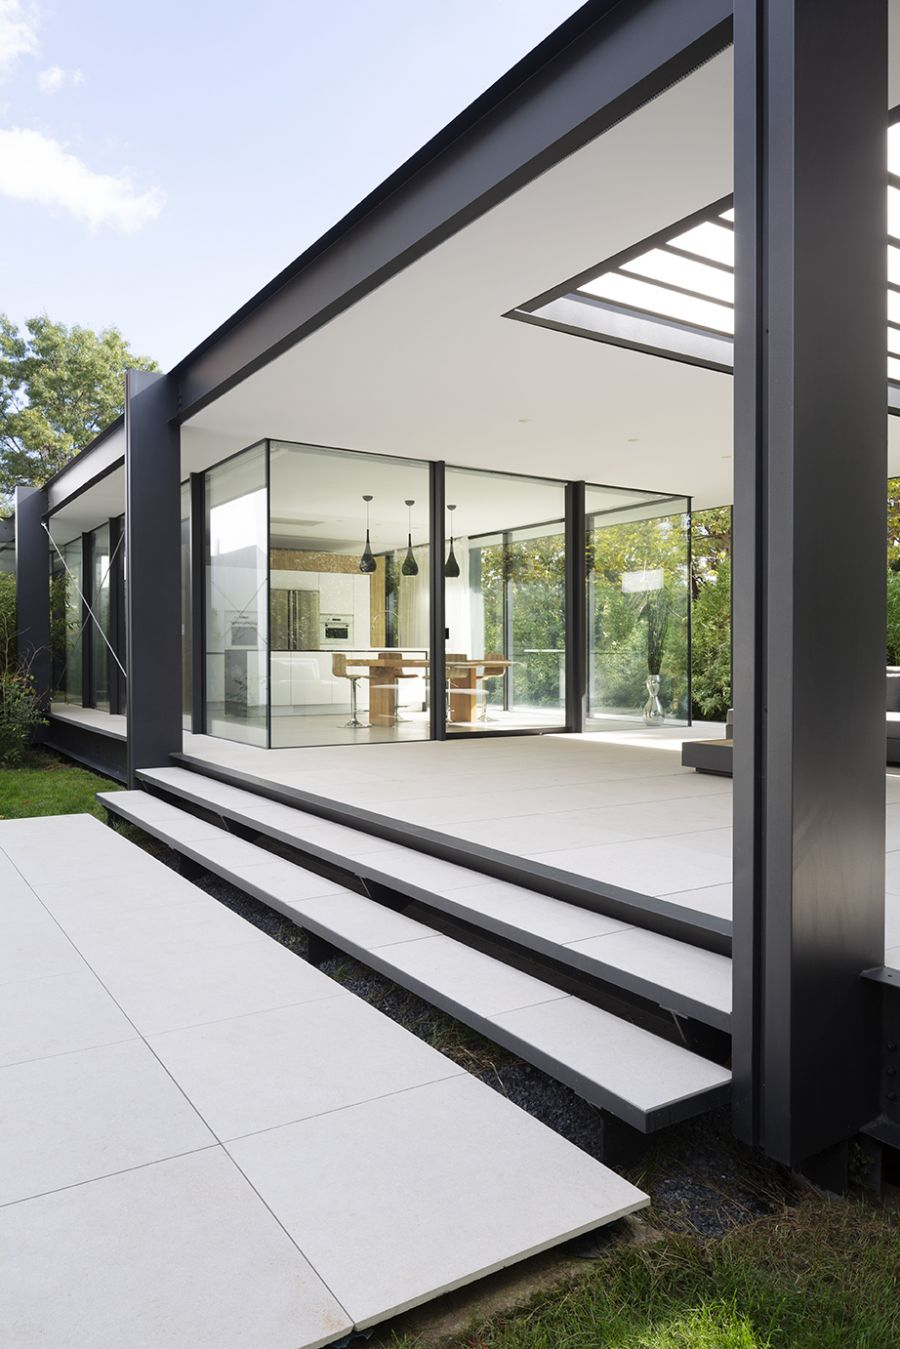 Maison CTN - Arch. Brengues Le Pavec Architectes - Photo : Marie-Caroline Lucat